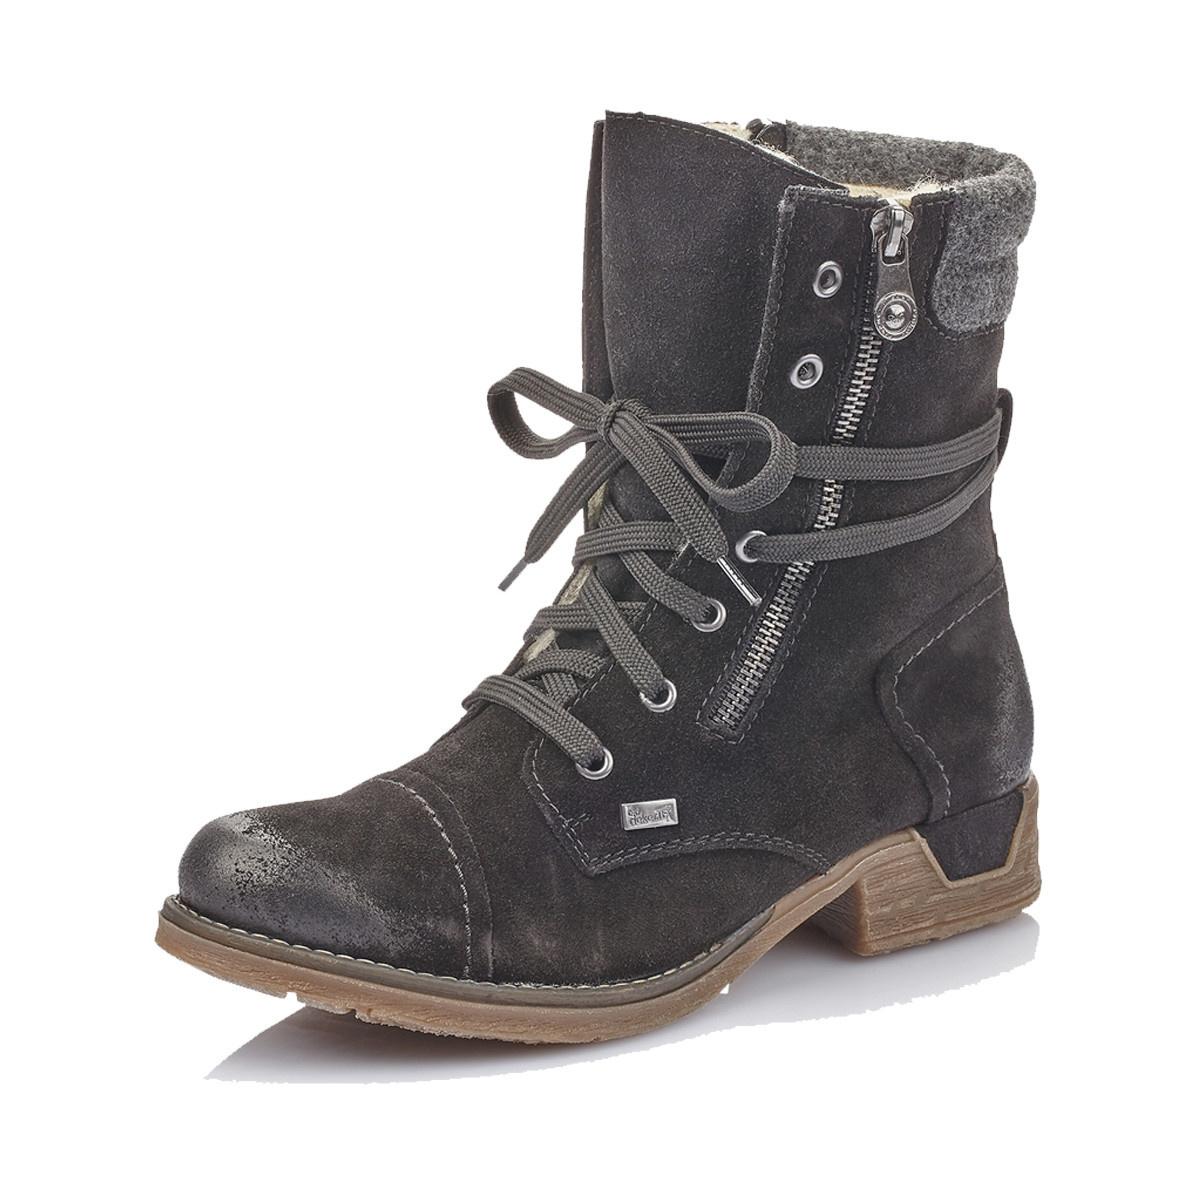 Rieker Rieker Women's Bootie 79633-00 Black